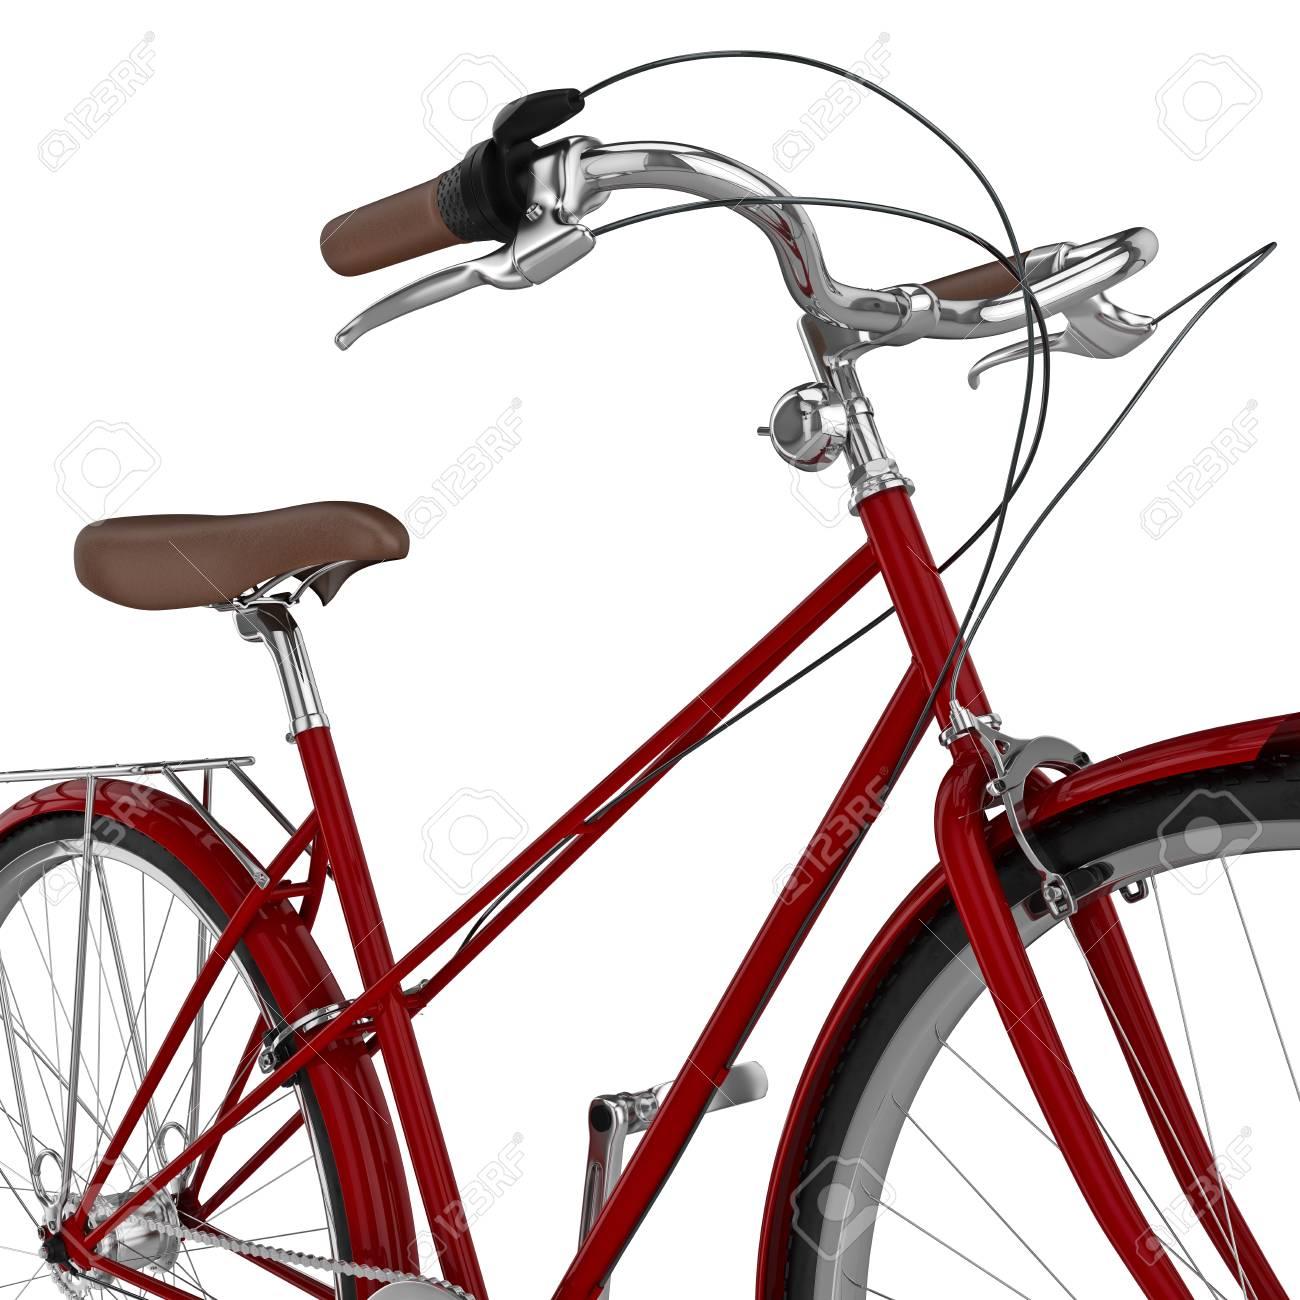 Lenker Rot Chrom Fahrrad Mit Spikereifen Und Handbremsen. 3D-Grafik ...